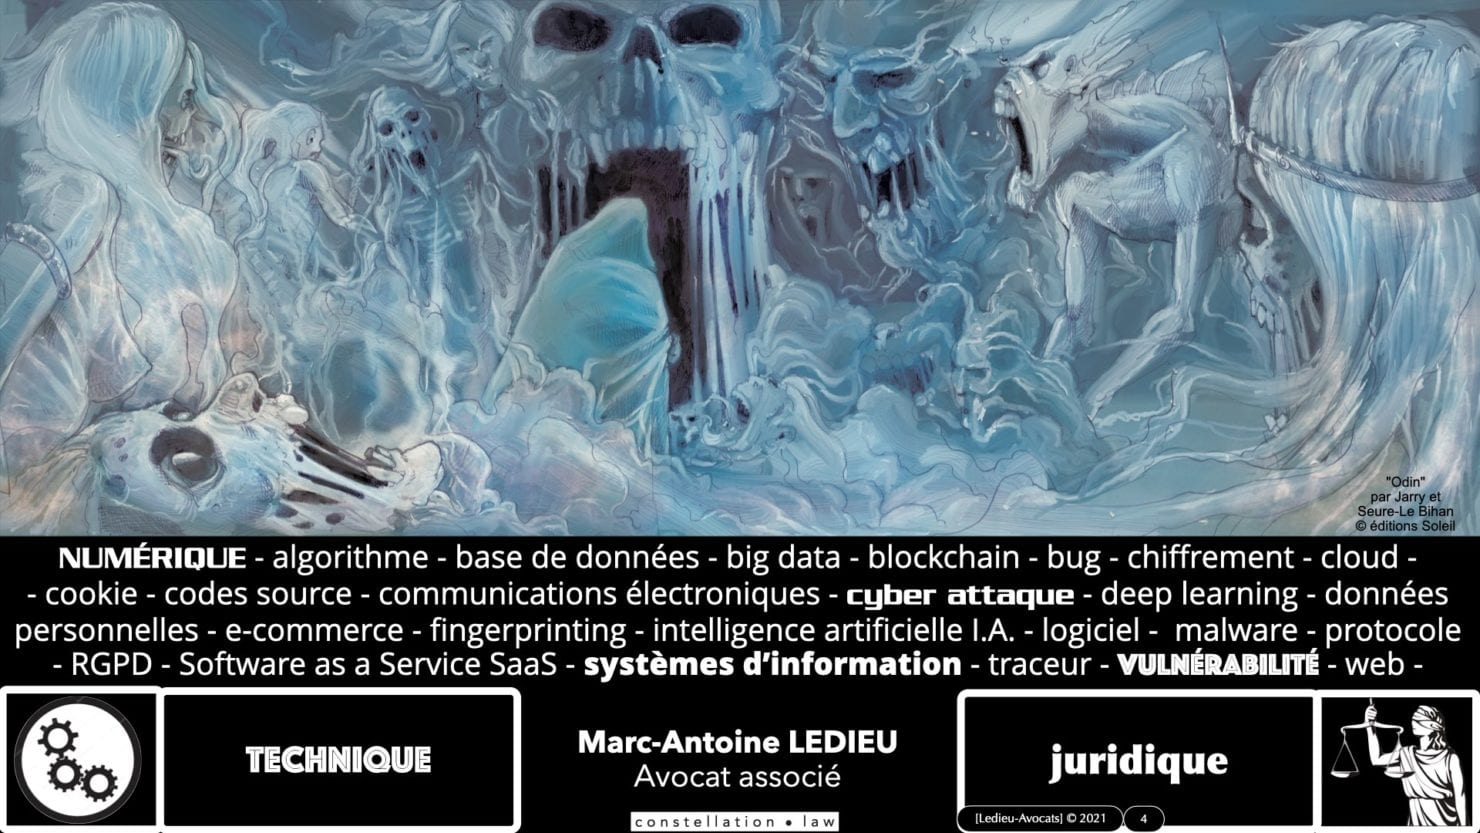 341 chiffrement cryptographie symetrique asymetrique hachage cryptographique TECHNIQUE JURIDIQUE © Ledieu-Avocat 05-07-2021.004